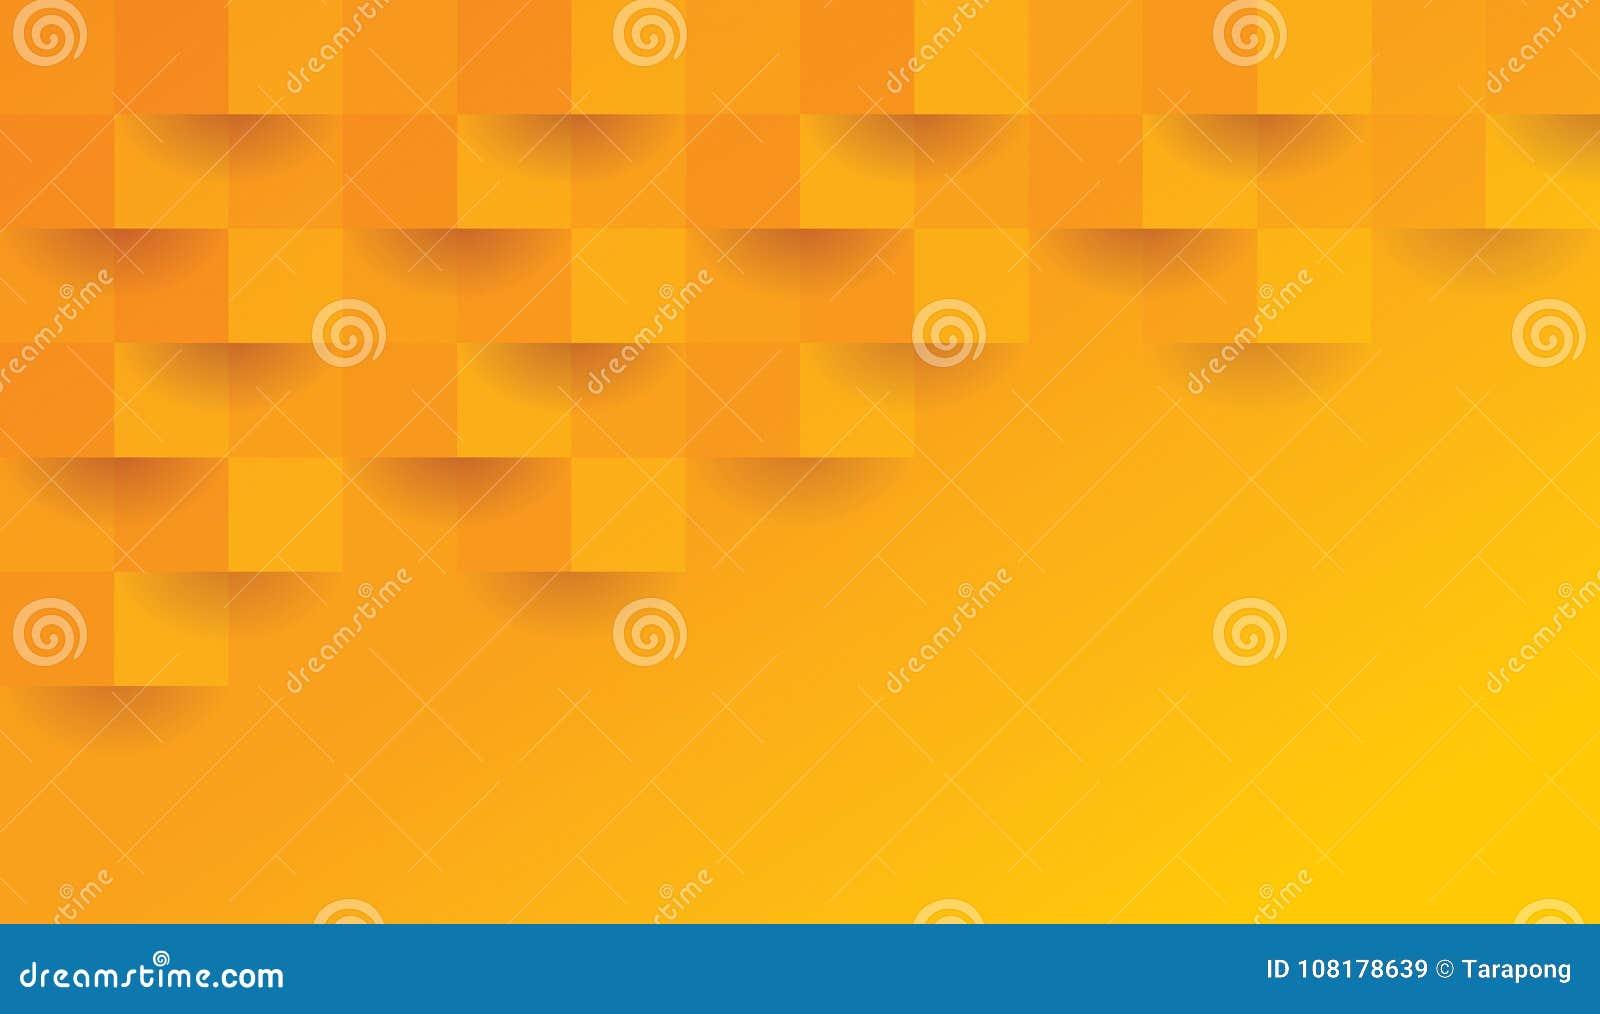 Oranje geometrisch patroon, abstract malplaatje als achtergrond